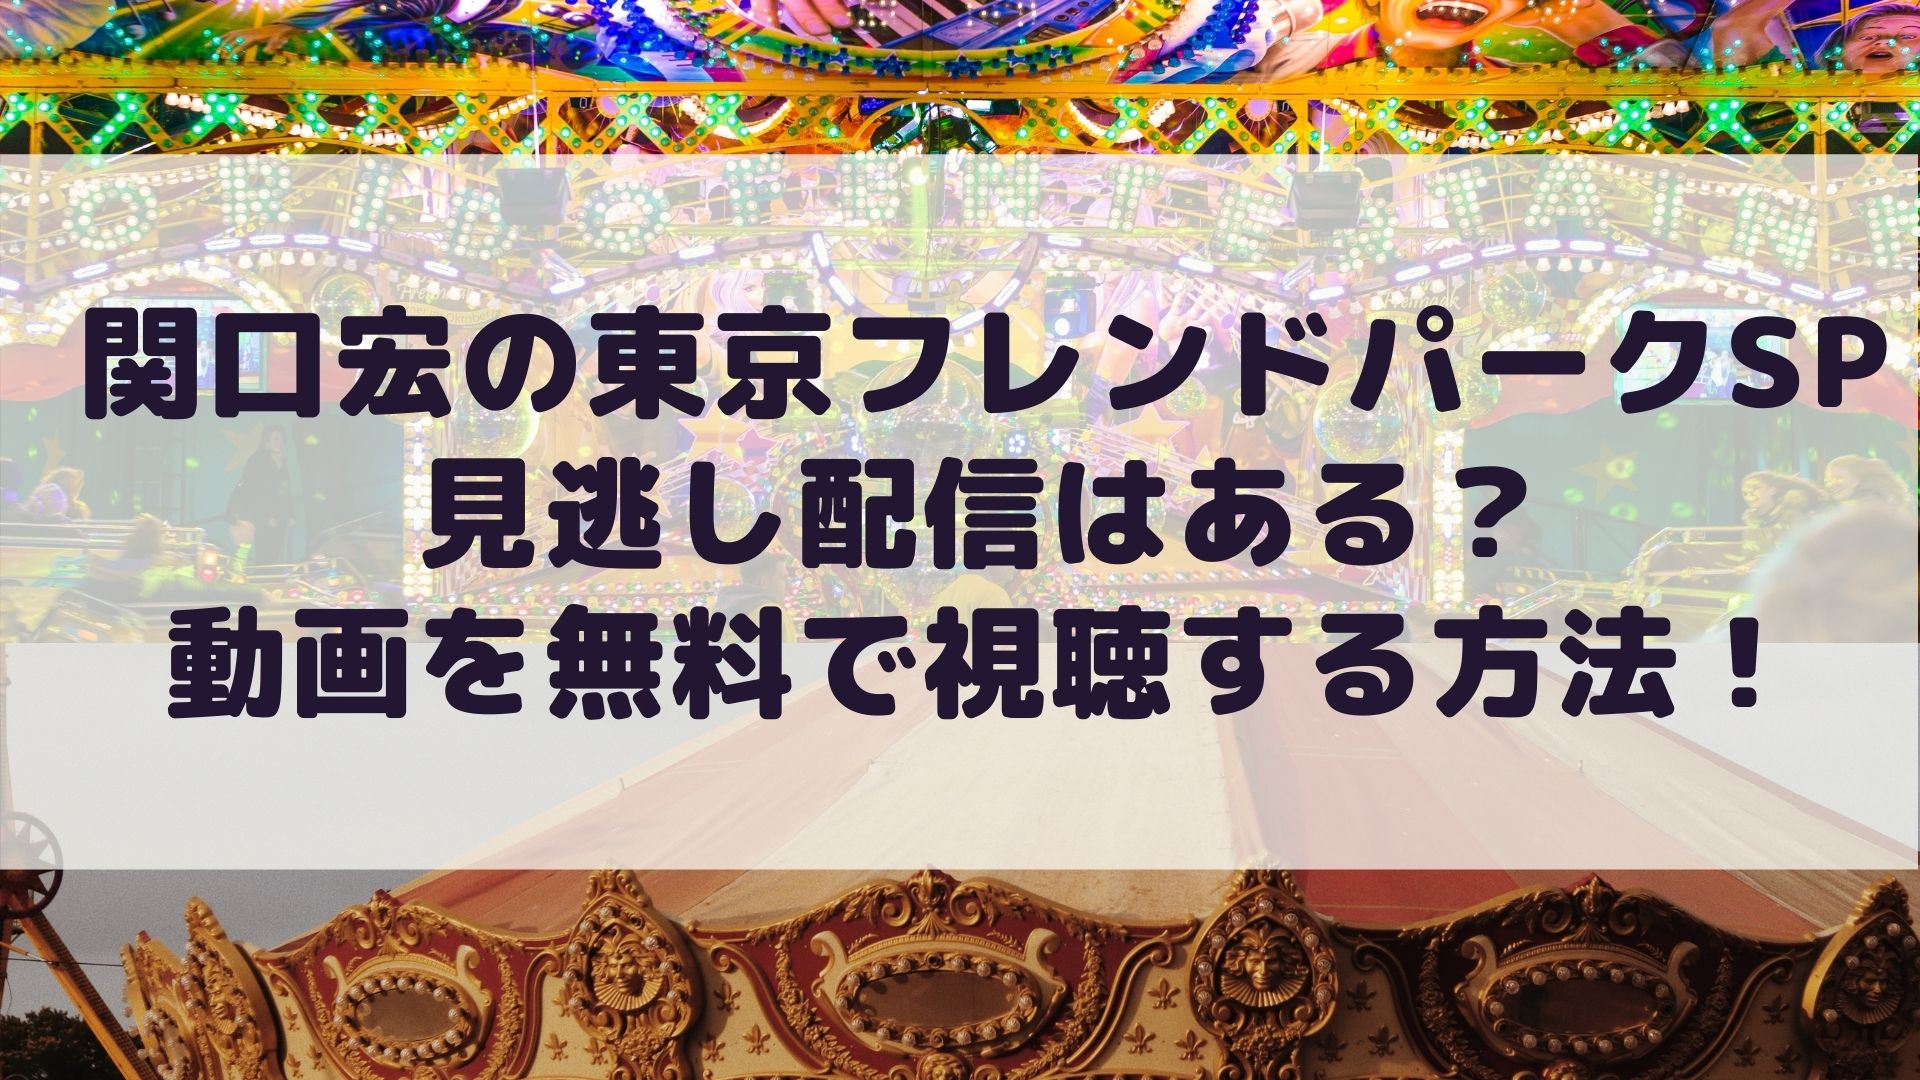 関口宏の東京フレンドパーク新春SPの見逃し配信はある?動画を無料で視聴する方法タイトル画像